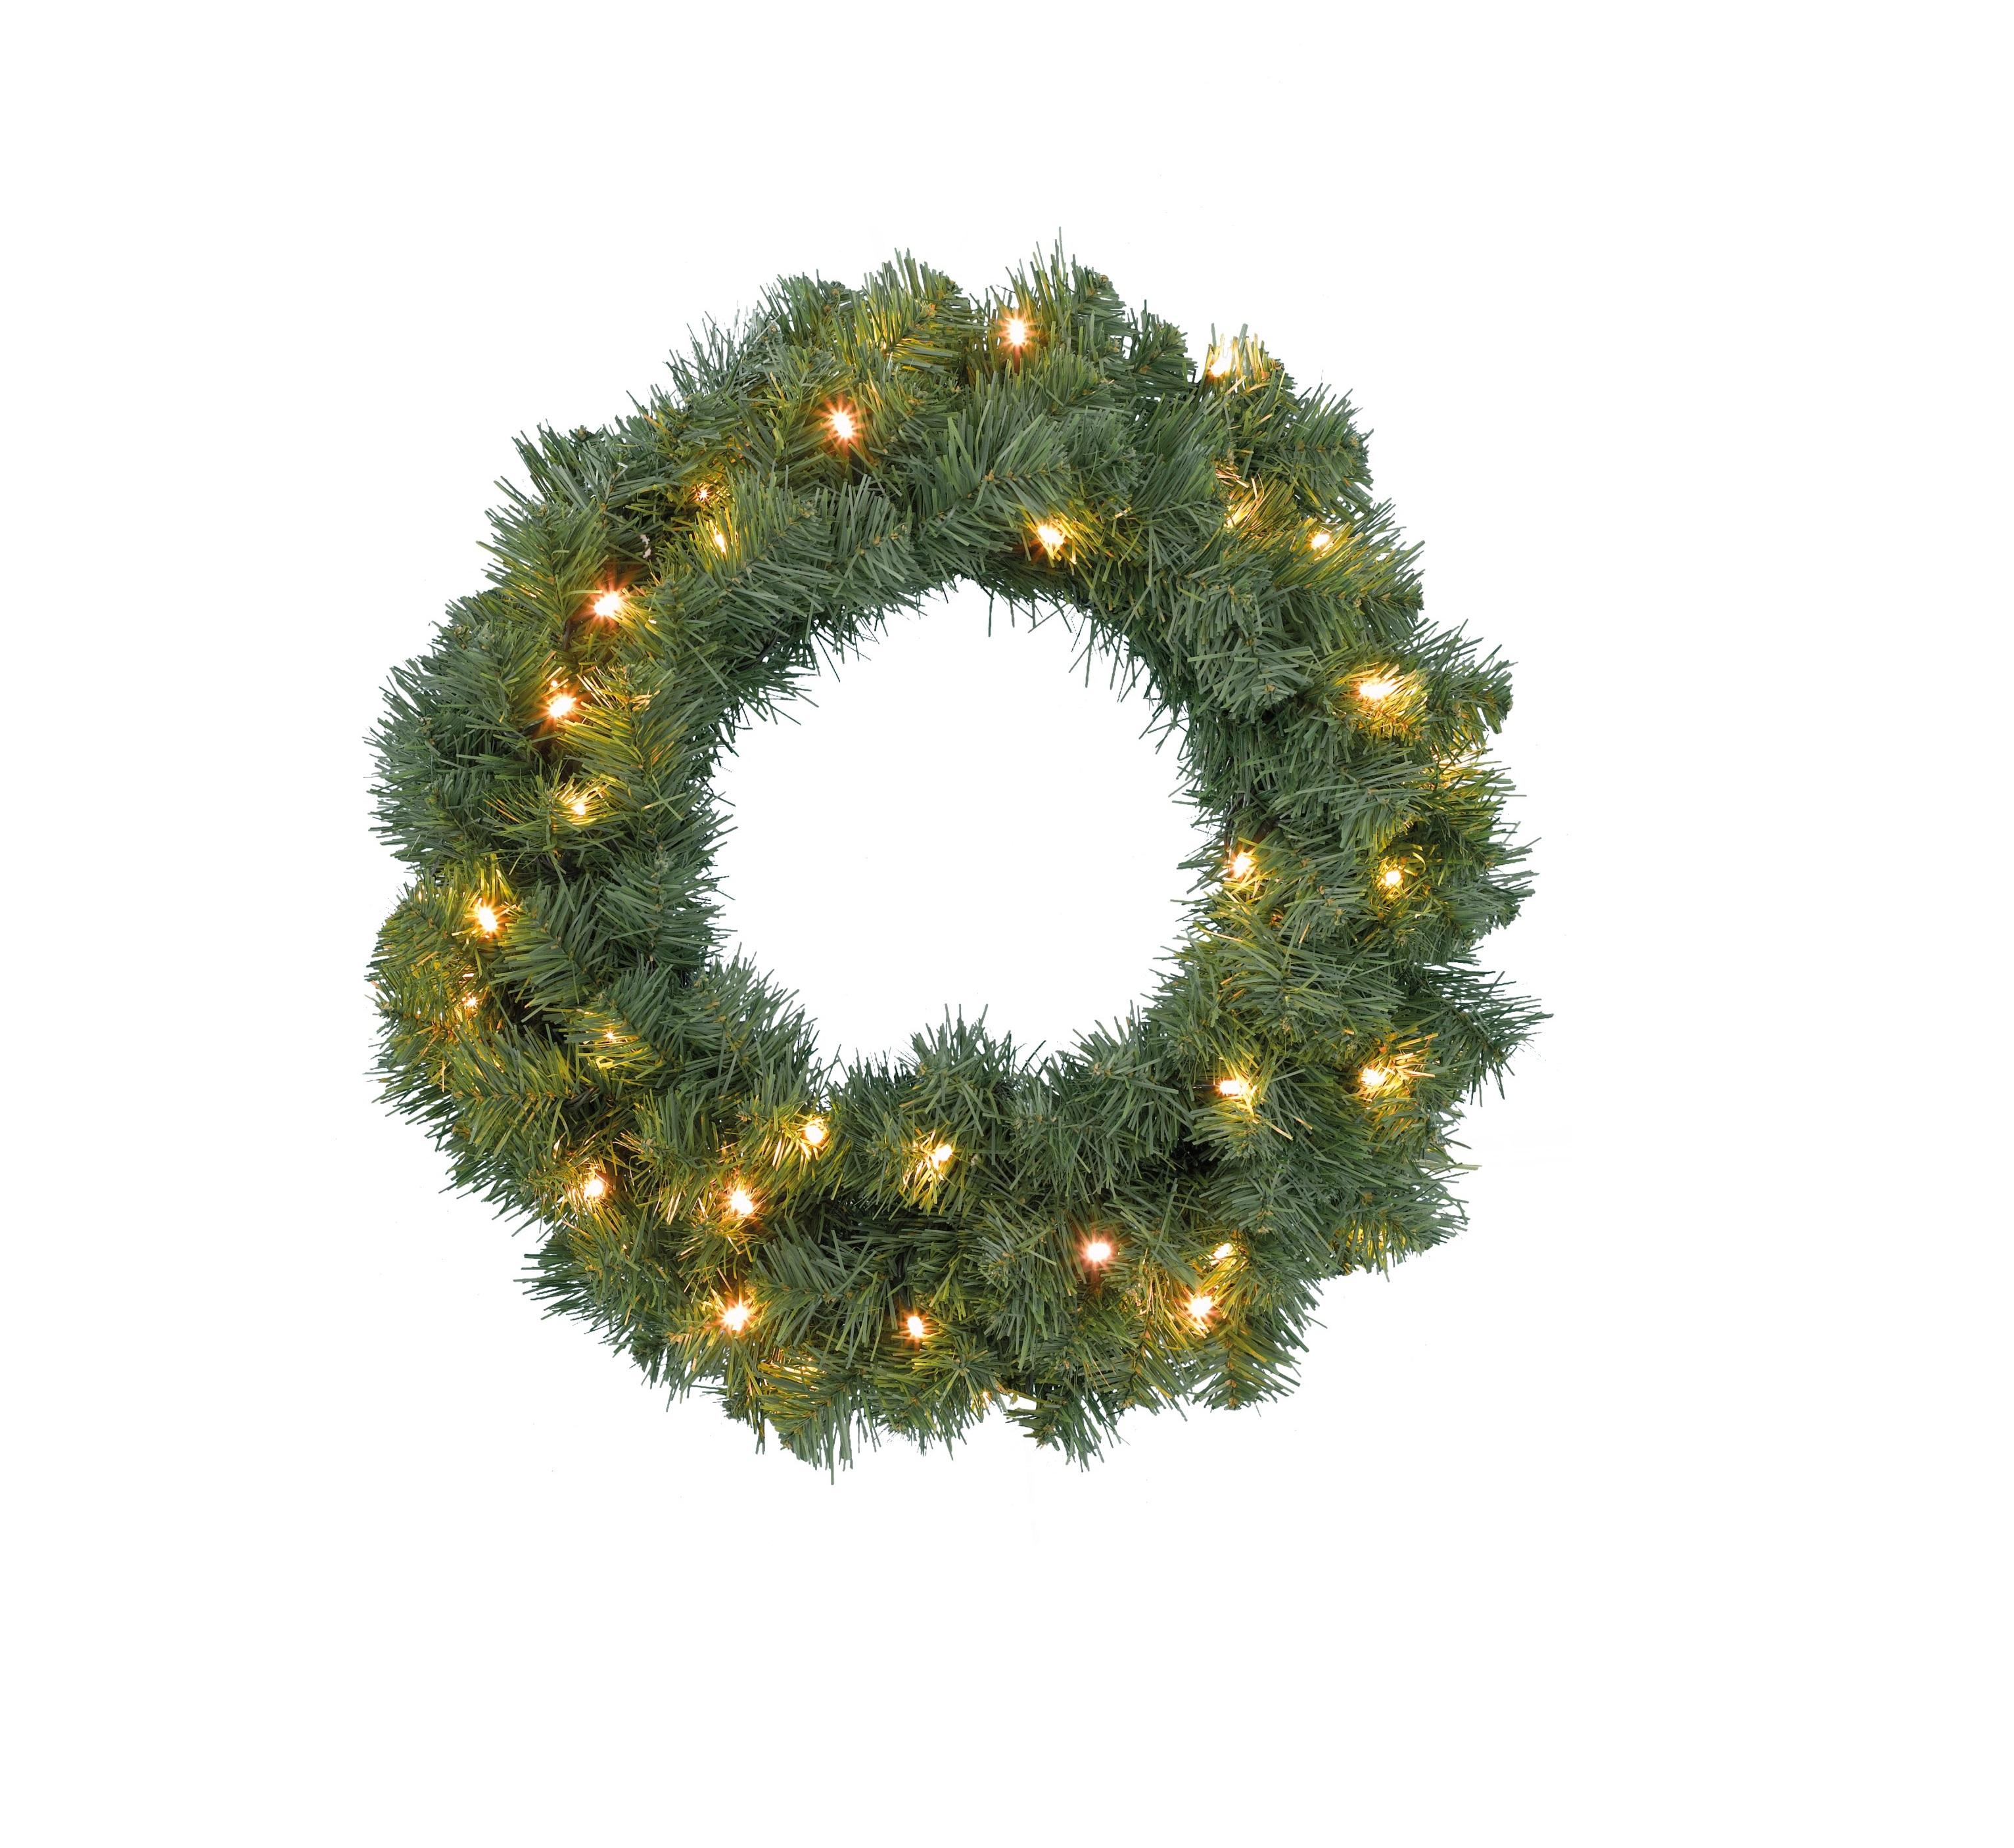 Рождественский венок Империал светодиодныйНовогодний декор<br>батарейки в комплект не входят<br><br>Material: Пластик<br>Width см: None<br>Depth см: 6<br>Height см: None<br>Diameter см: 50